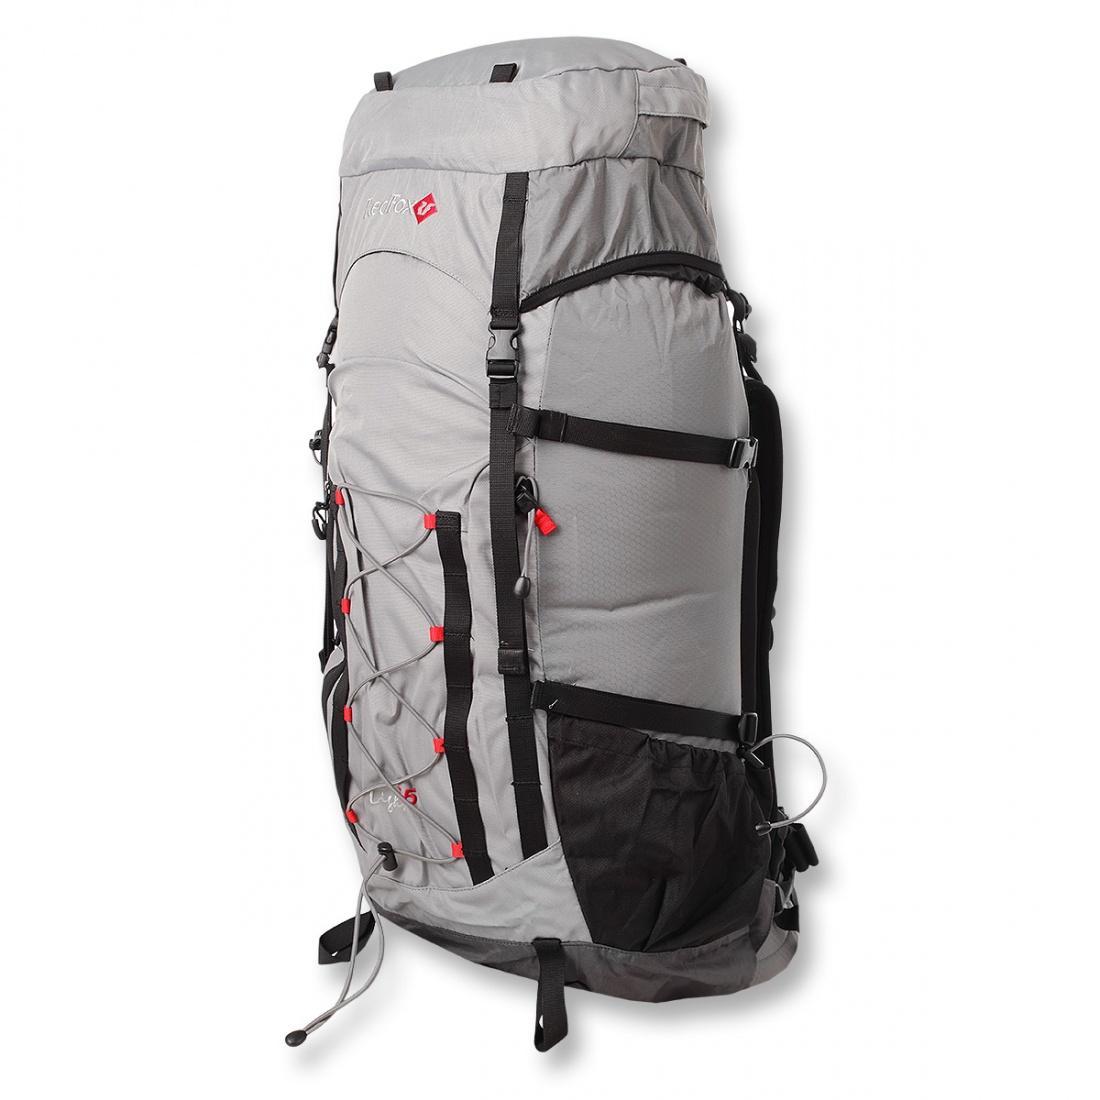 Рюкзак Light 55Рюкзаки<br><br> Новая серия облегченных двухобъемных рюкзаков Light со съемным алюминиевым каркасом. <br><br><br> Серия Basic<br><br><br>ОБЪЕМ: 55 л.<br>ВЕС: 1490г...<br><br>Цвет: Бесцветный<br>Размер: 55 л